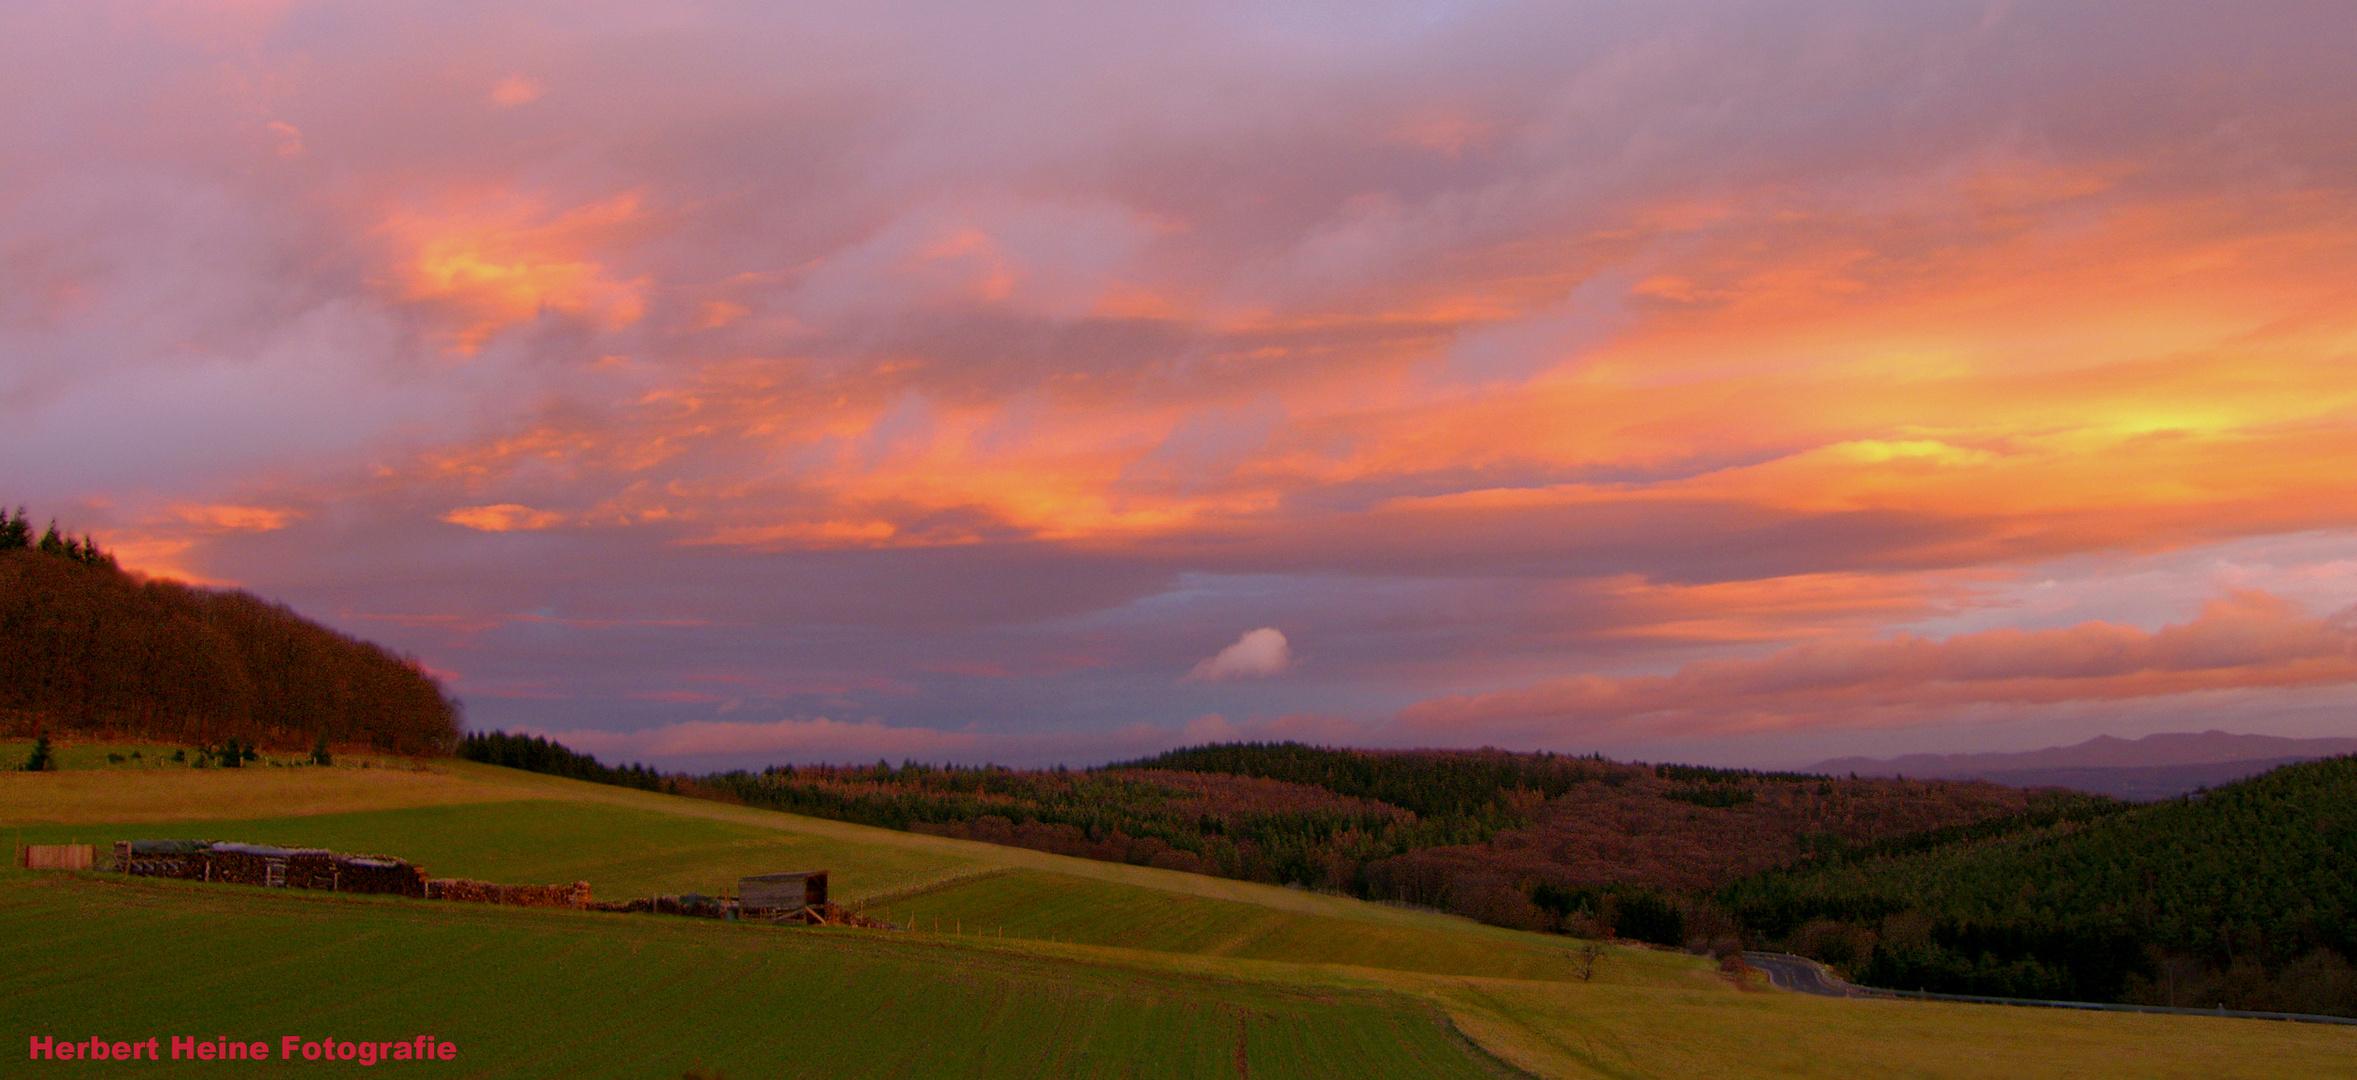 Morgenrot, schlecht Wetter droht......!?